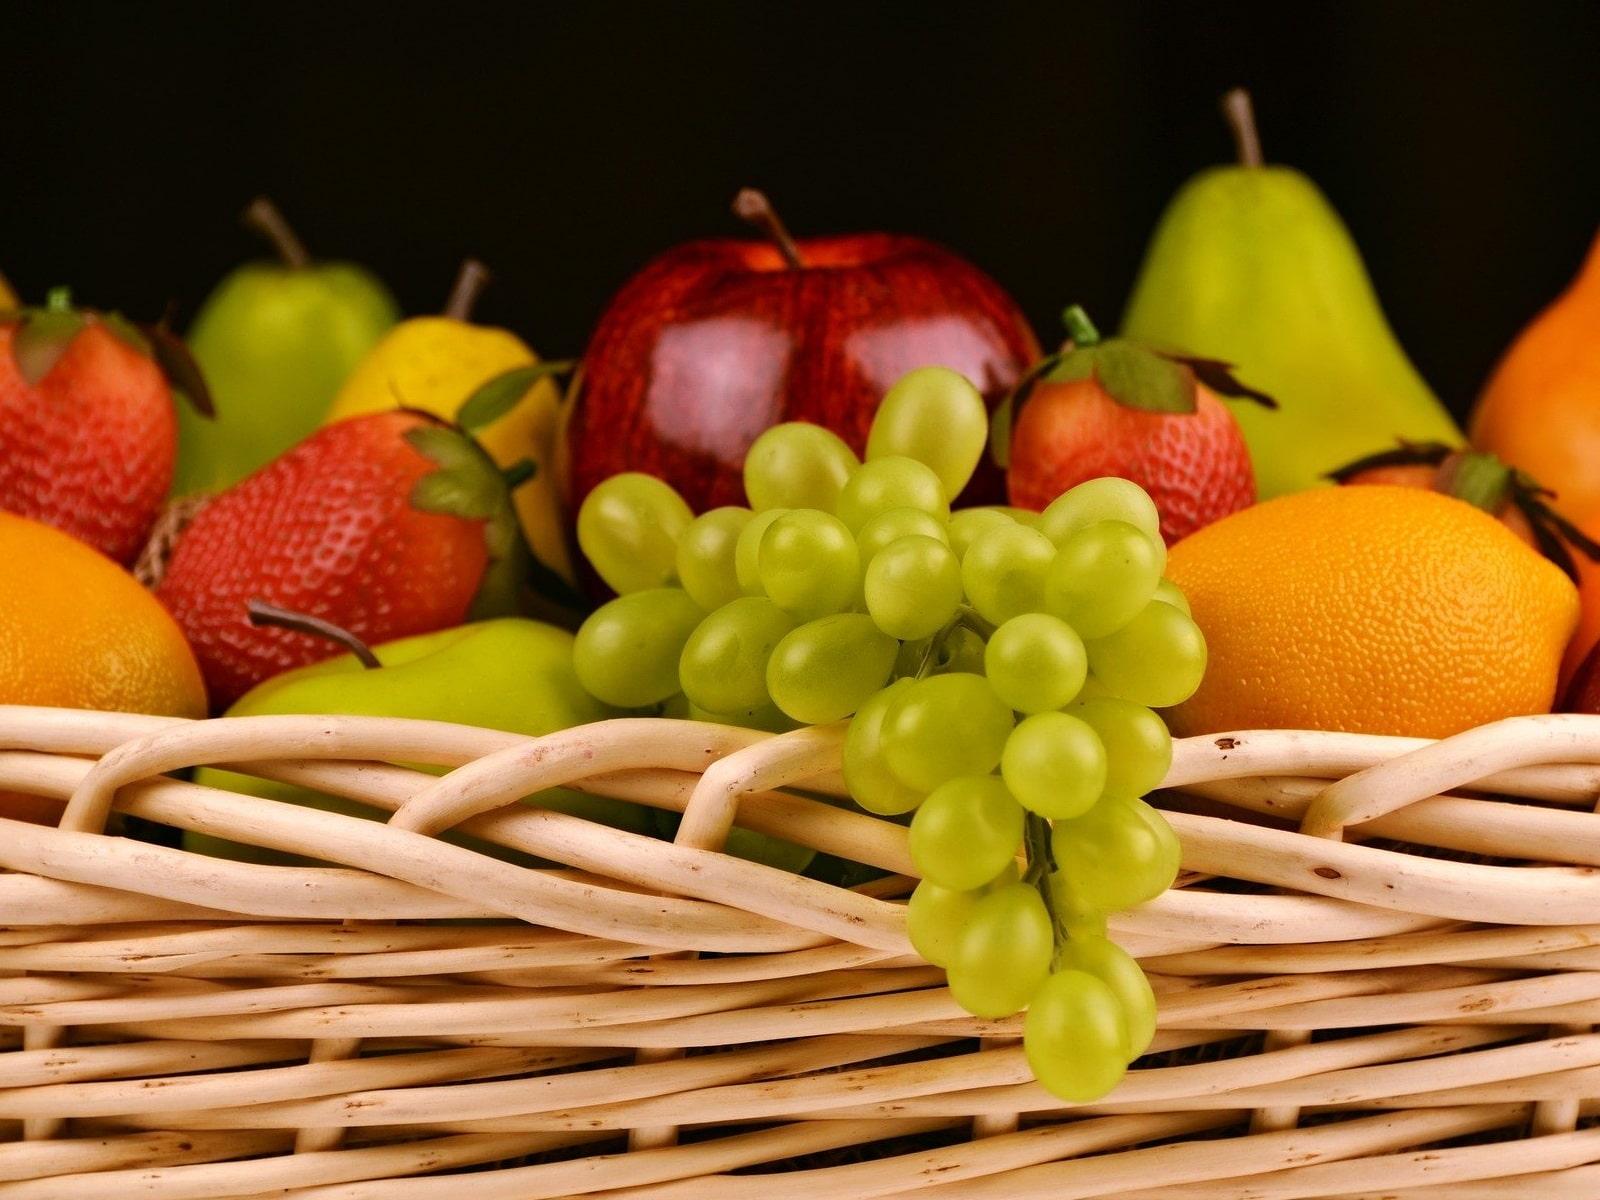 Интересные факты об овощах и фруктах